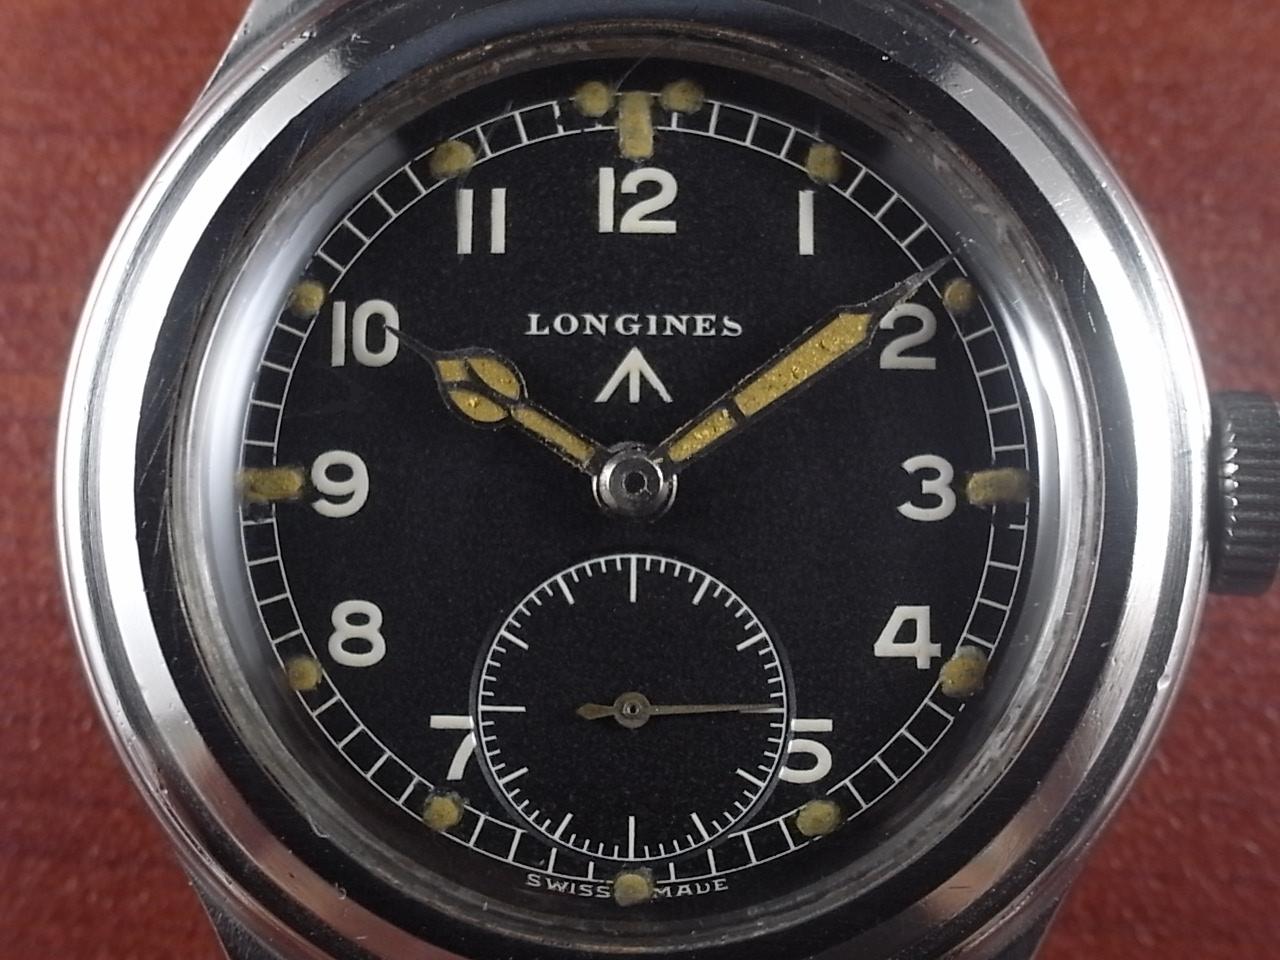 ロンジン 軍用時計 英陸軍 グリーンランダー Cal.12.68Z 1940年代の写真2枚目